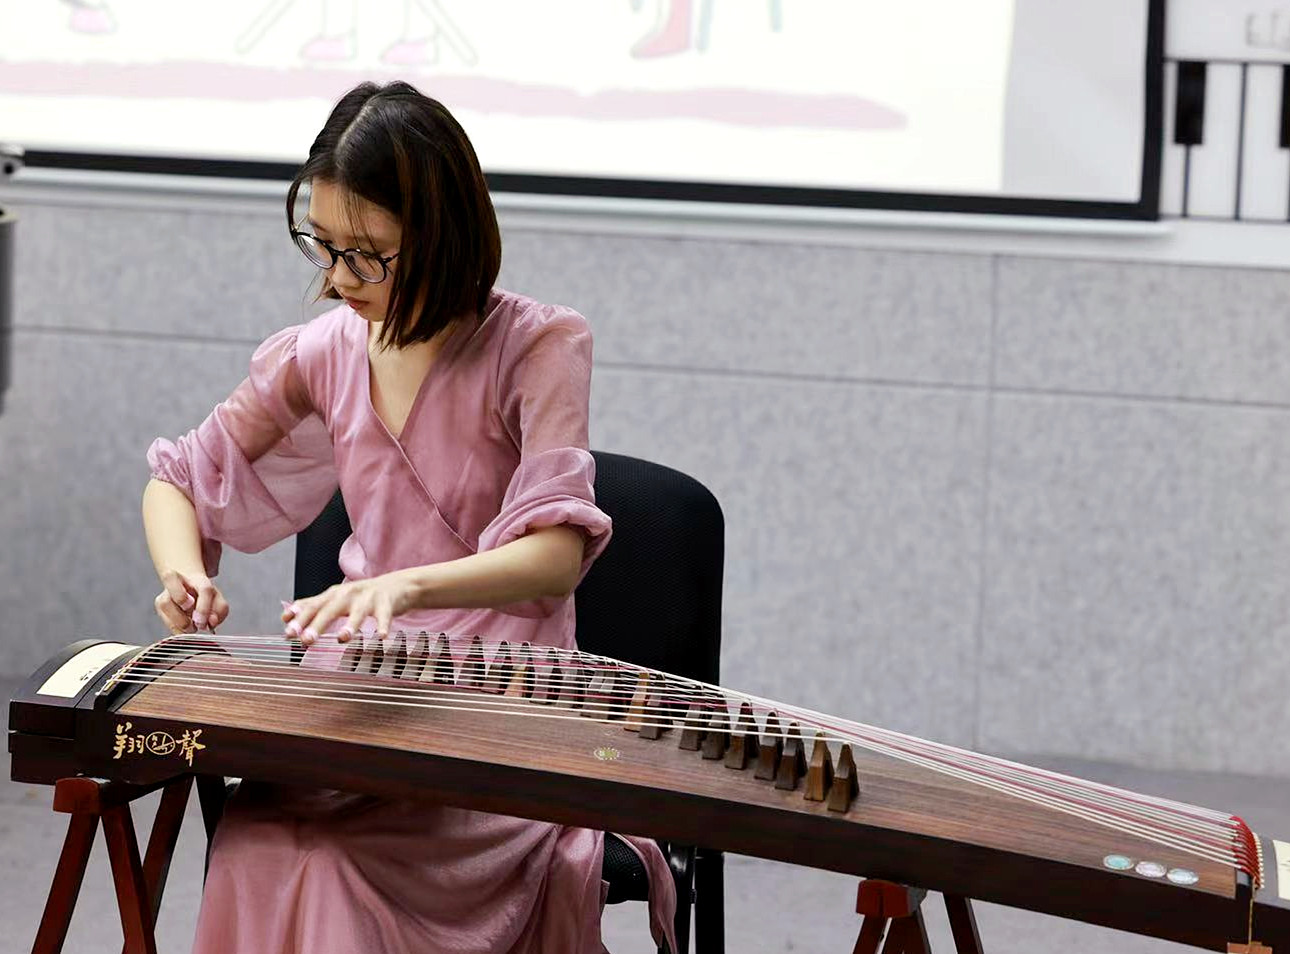 喜迎新年 | 北外附校双语学校新年器乐演奏音乐会隆重举行